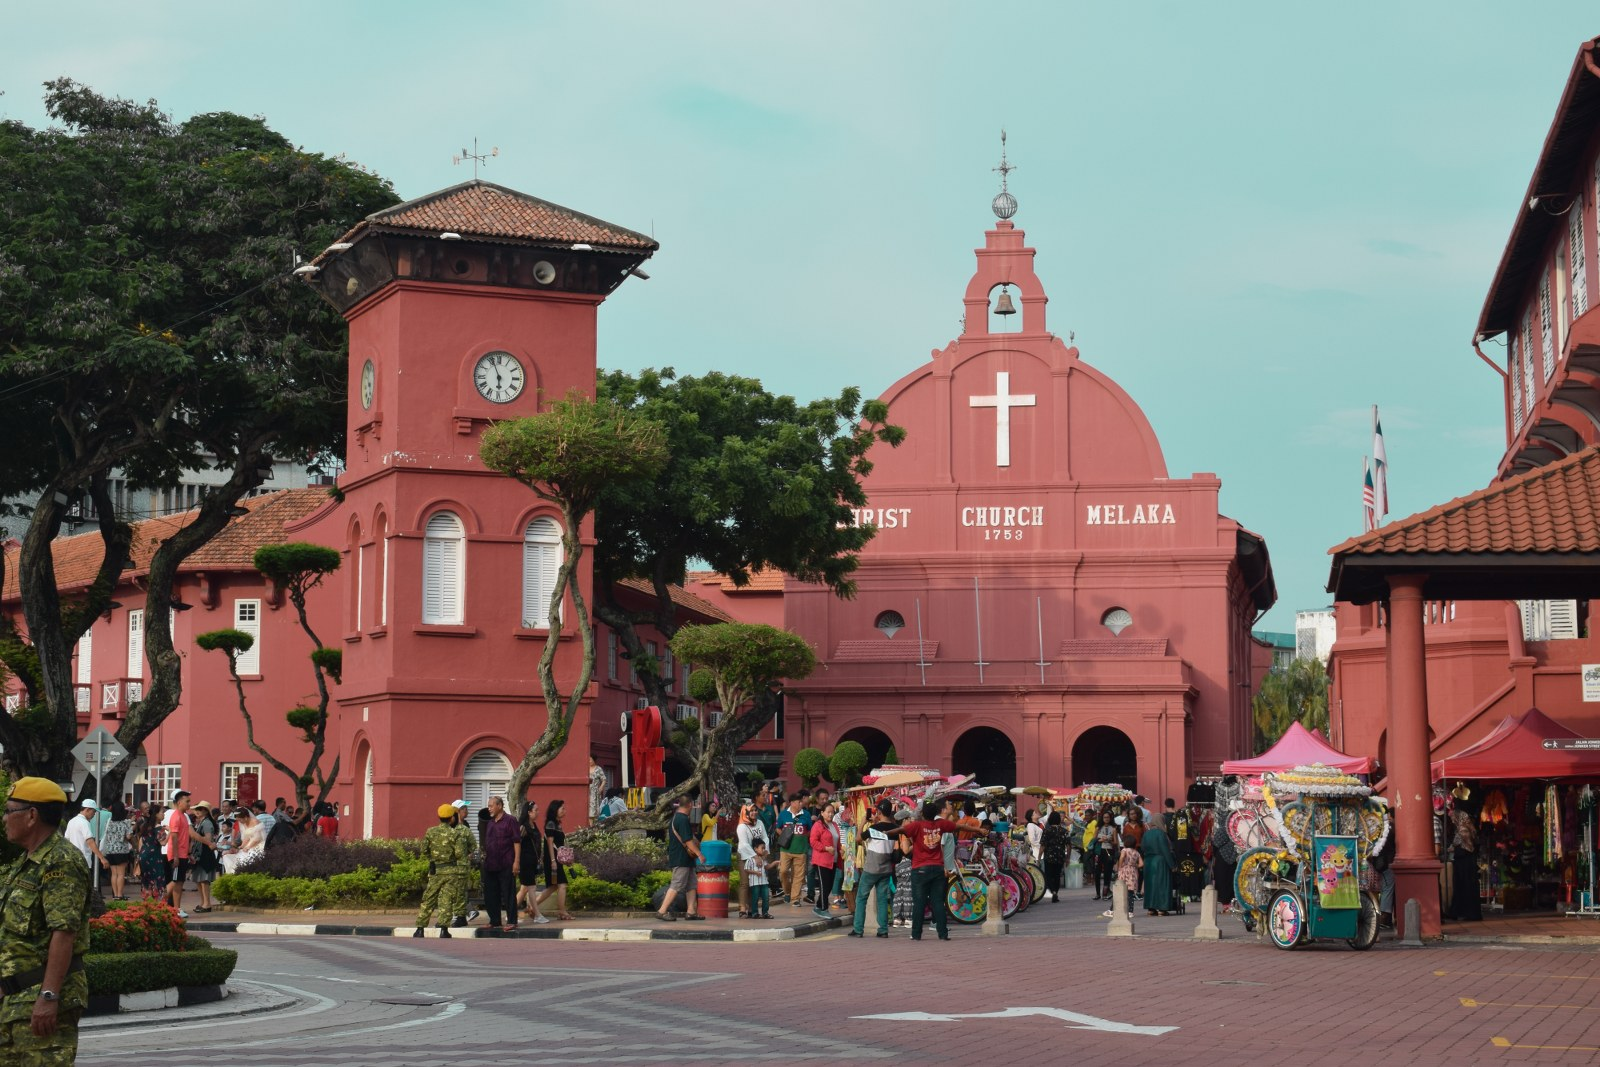 Piata Olandeza in Malacca